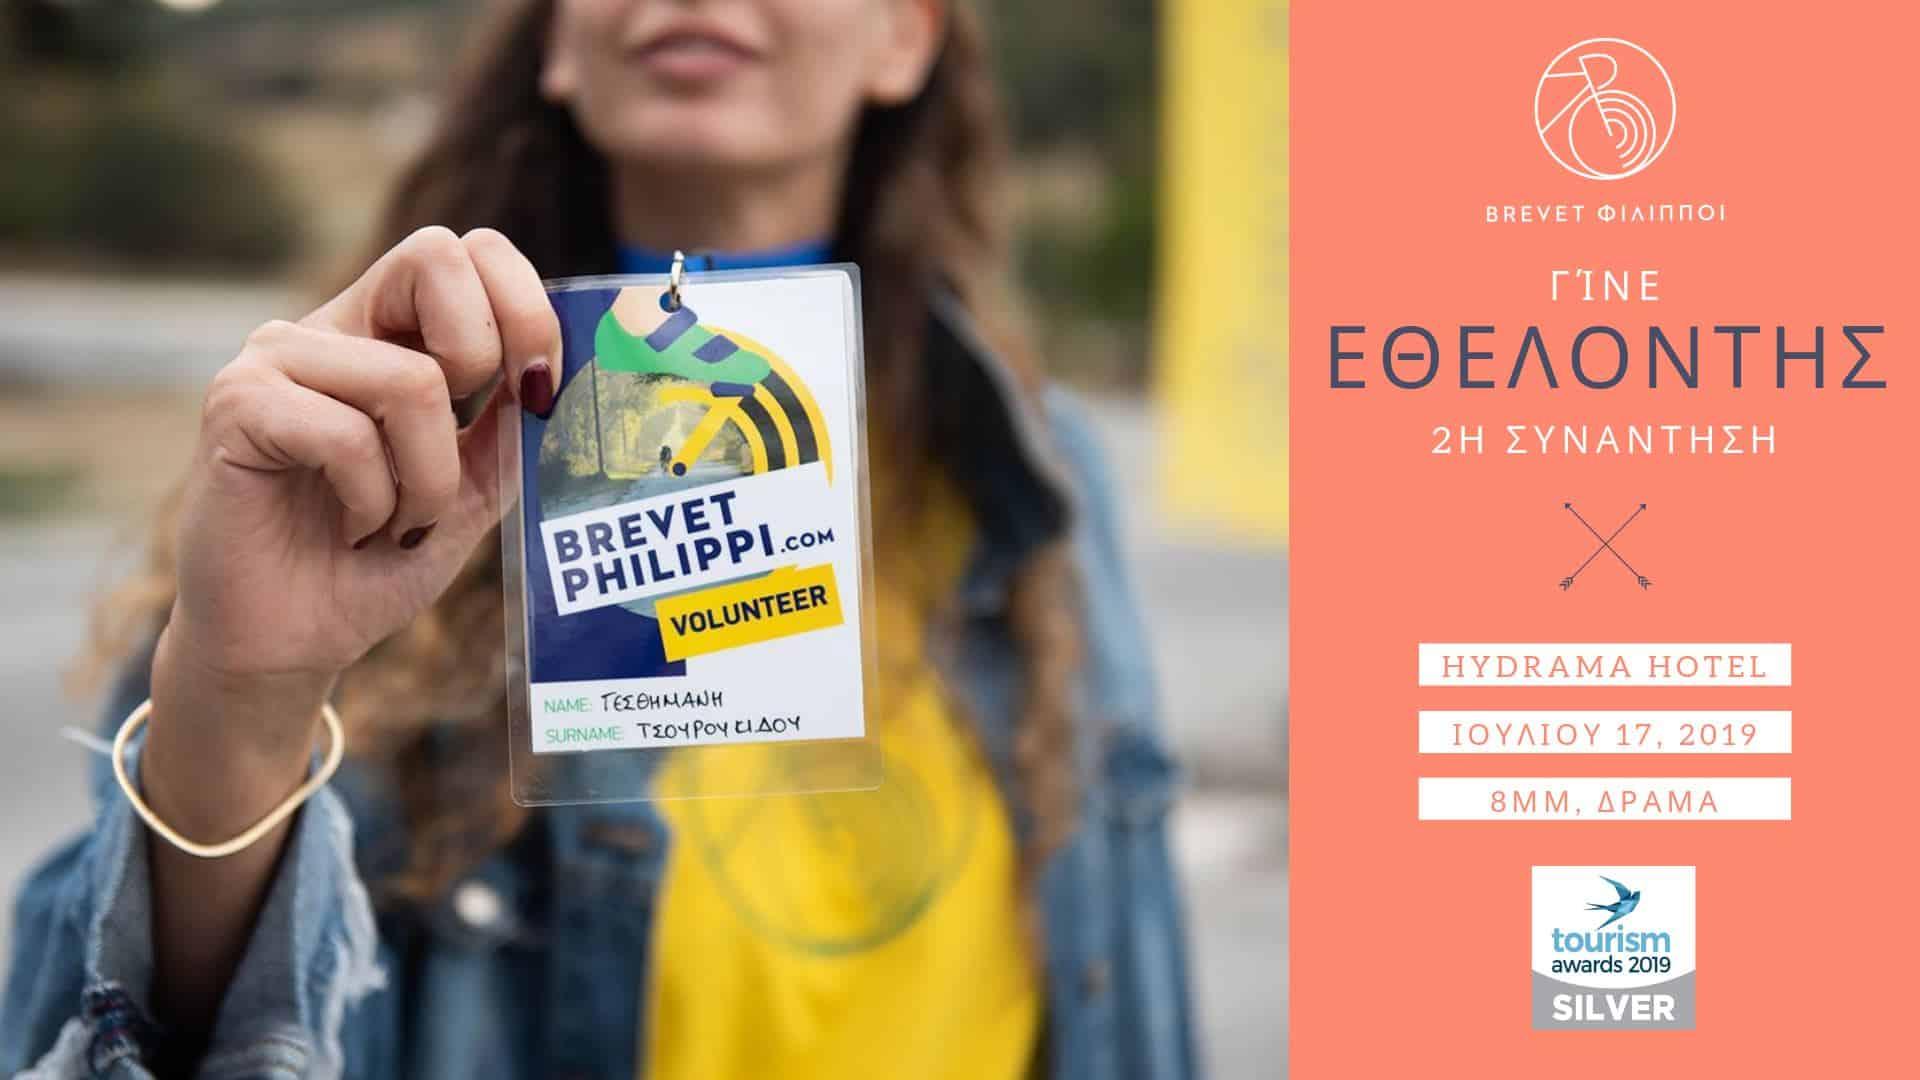 Brevet Φίλιπποι 2019: Η συνάντηση των Εθελοντών στη Δράμα